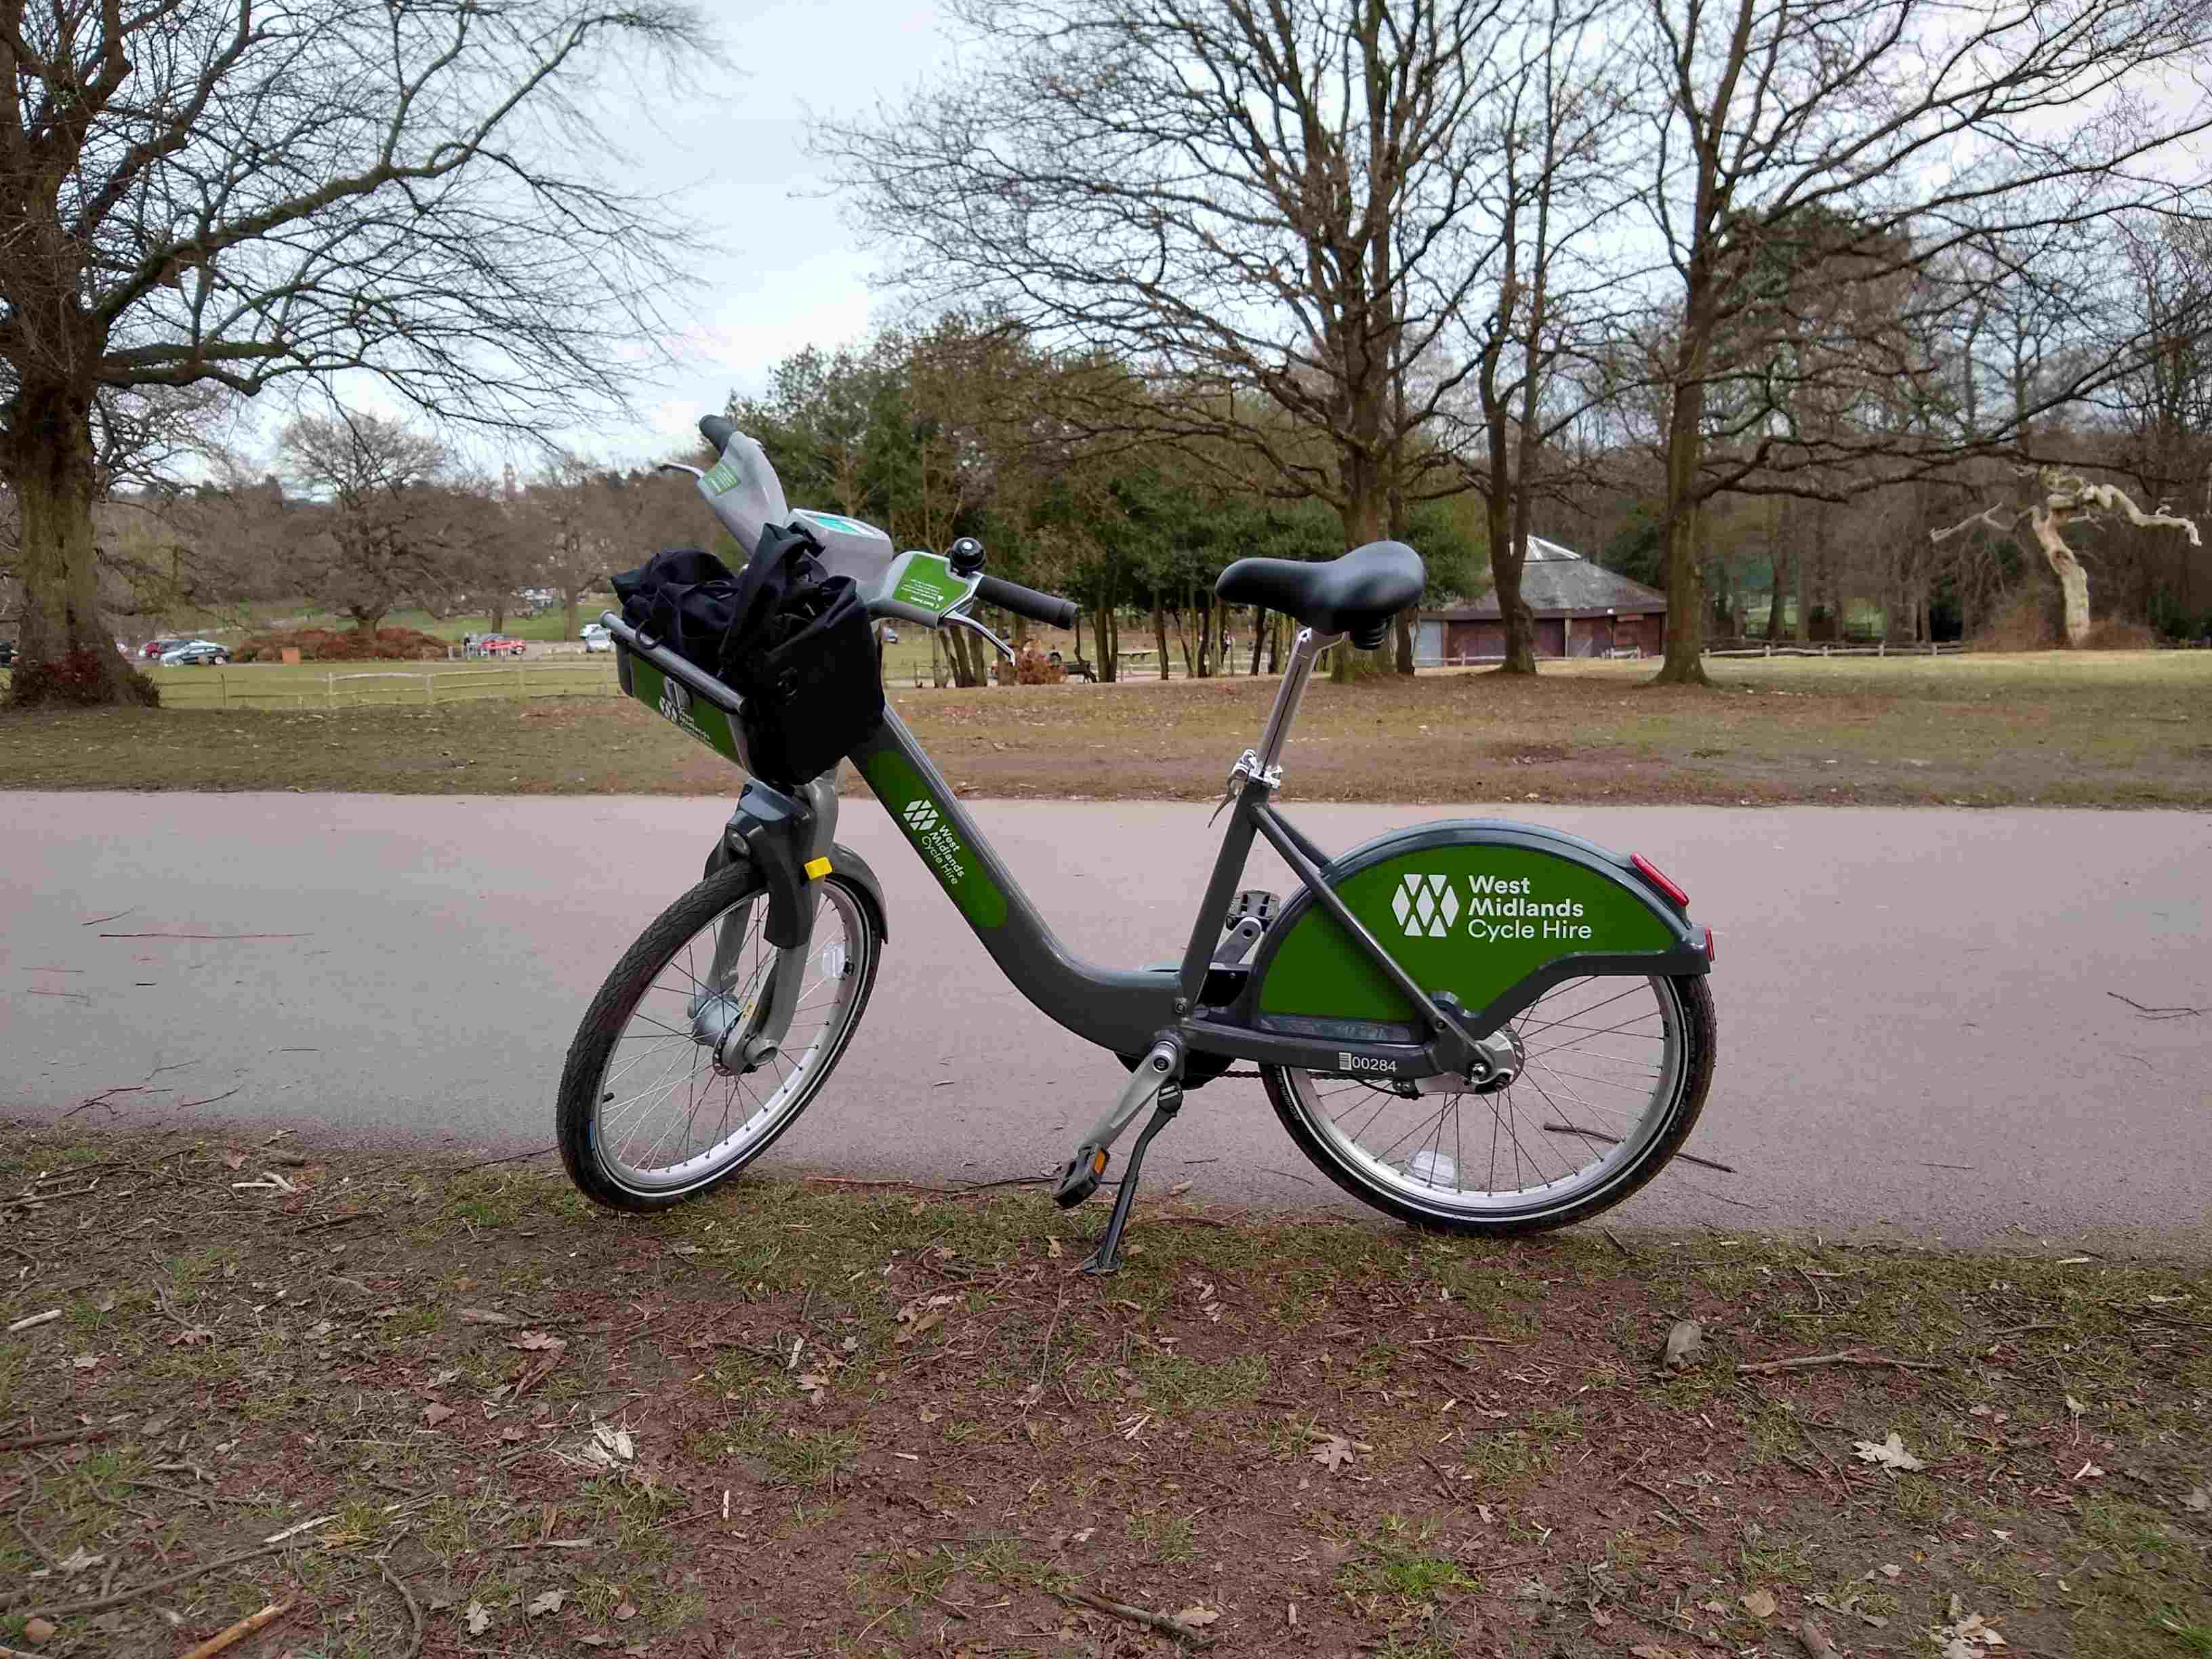 WM hire bike on its kickstand